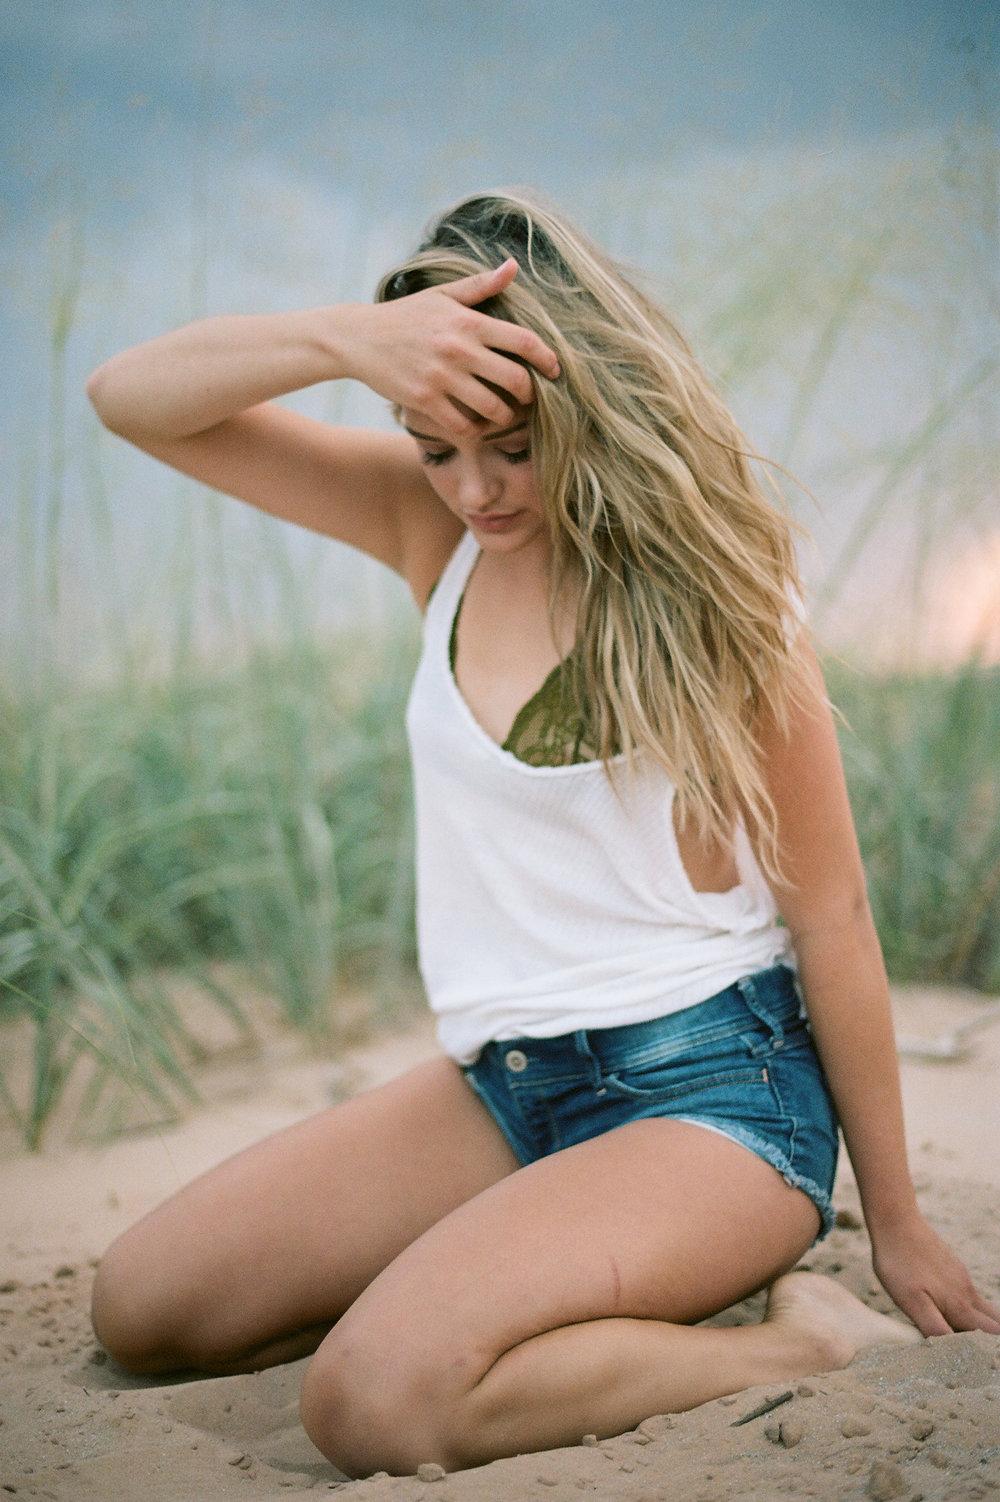 blonde-beach-denim-portrait